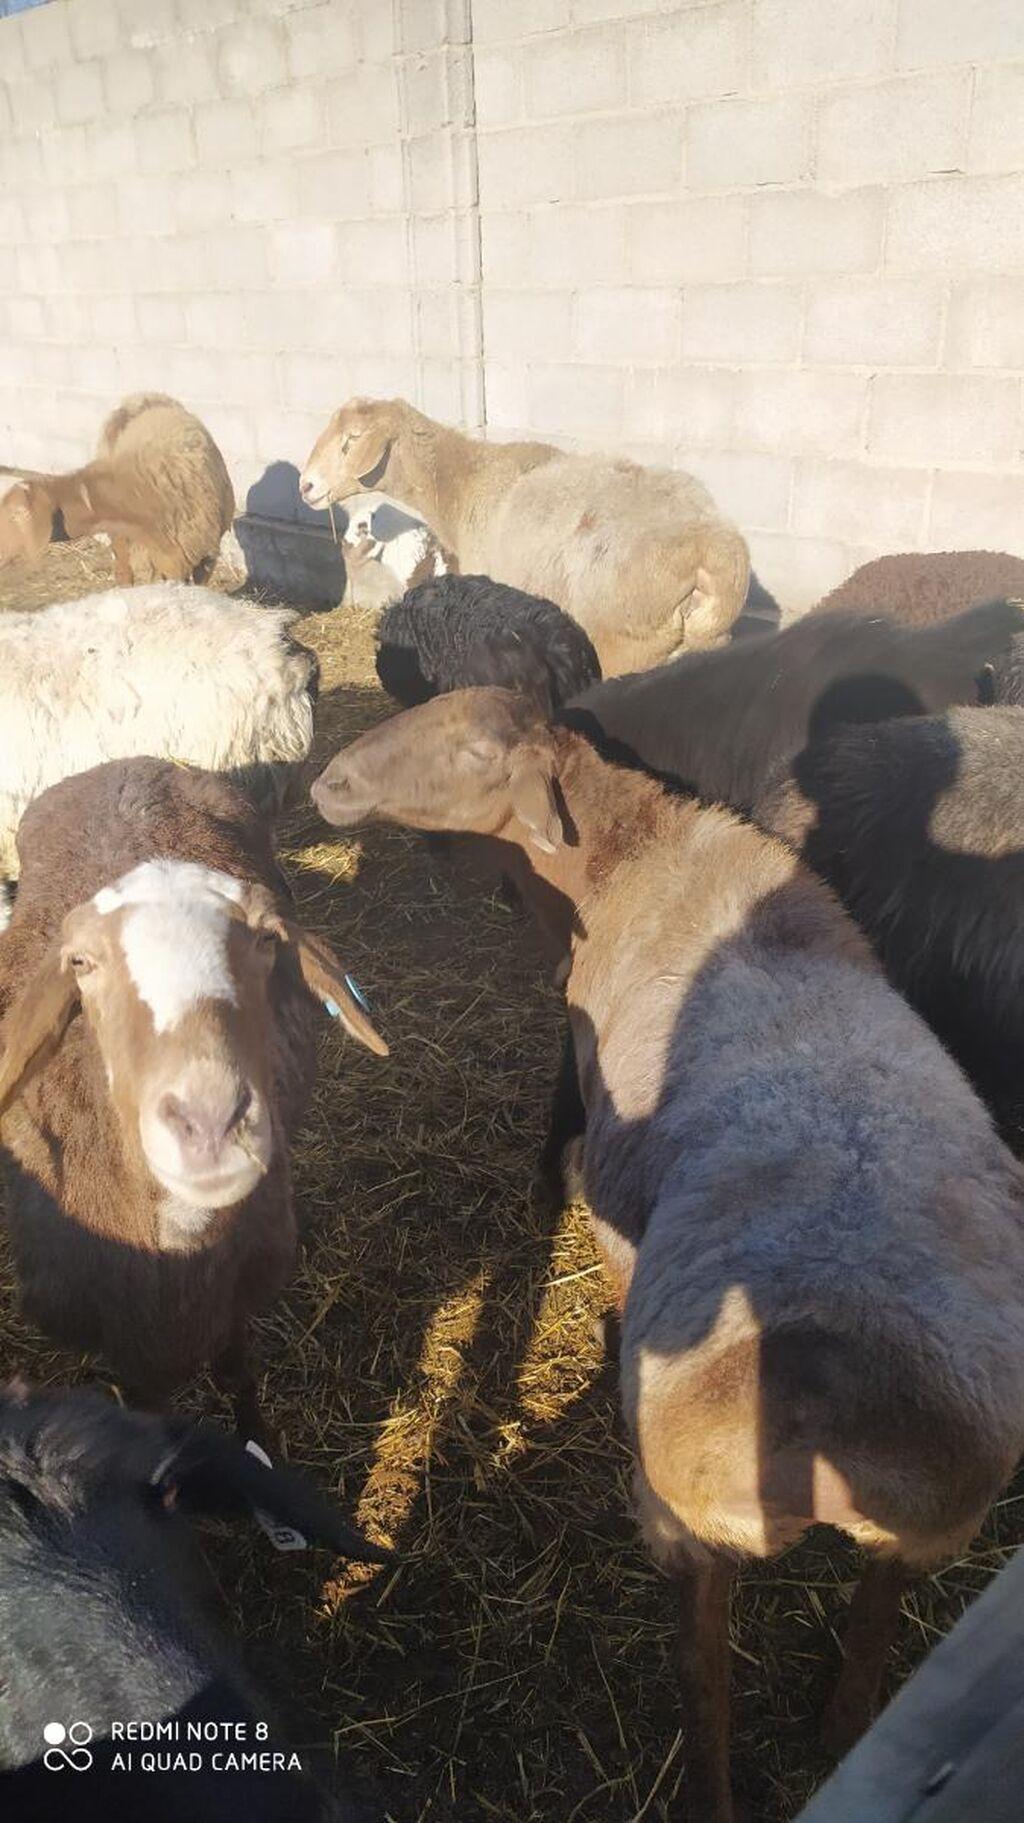 Продаю | Овца (самка), Ягненок | Гиссарская | Для разведения | Ягнившаяся: Продаю | Овца (самка), Ягненок | Гиссарская | Для разведения | Ягнившаяся